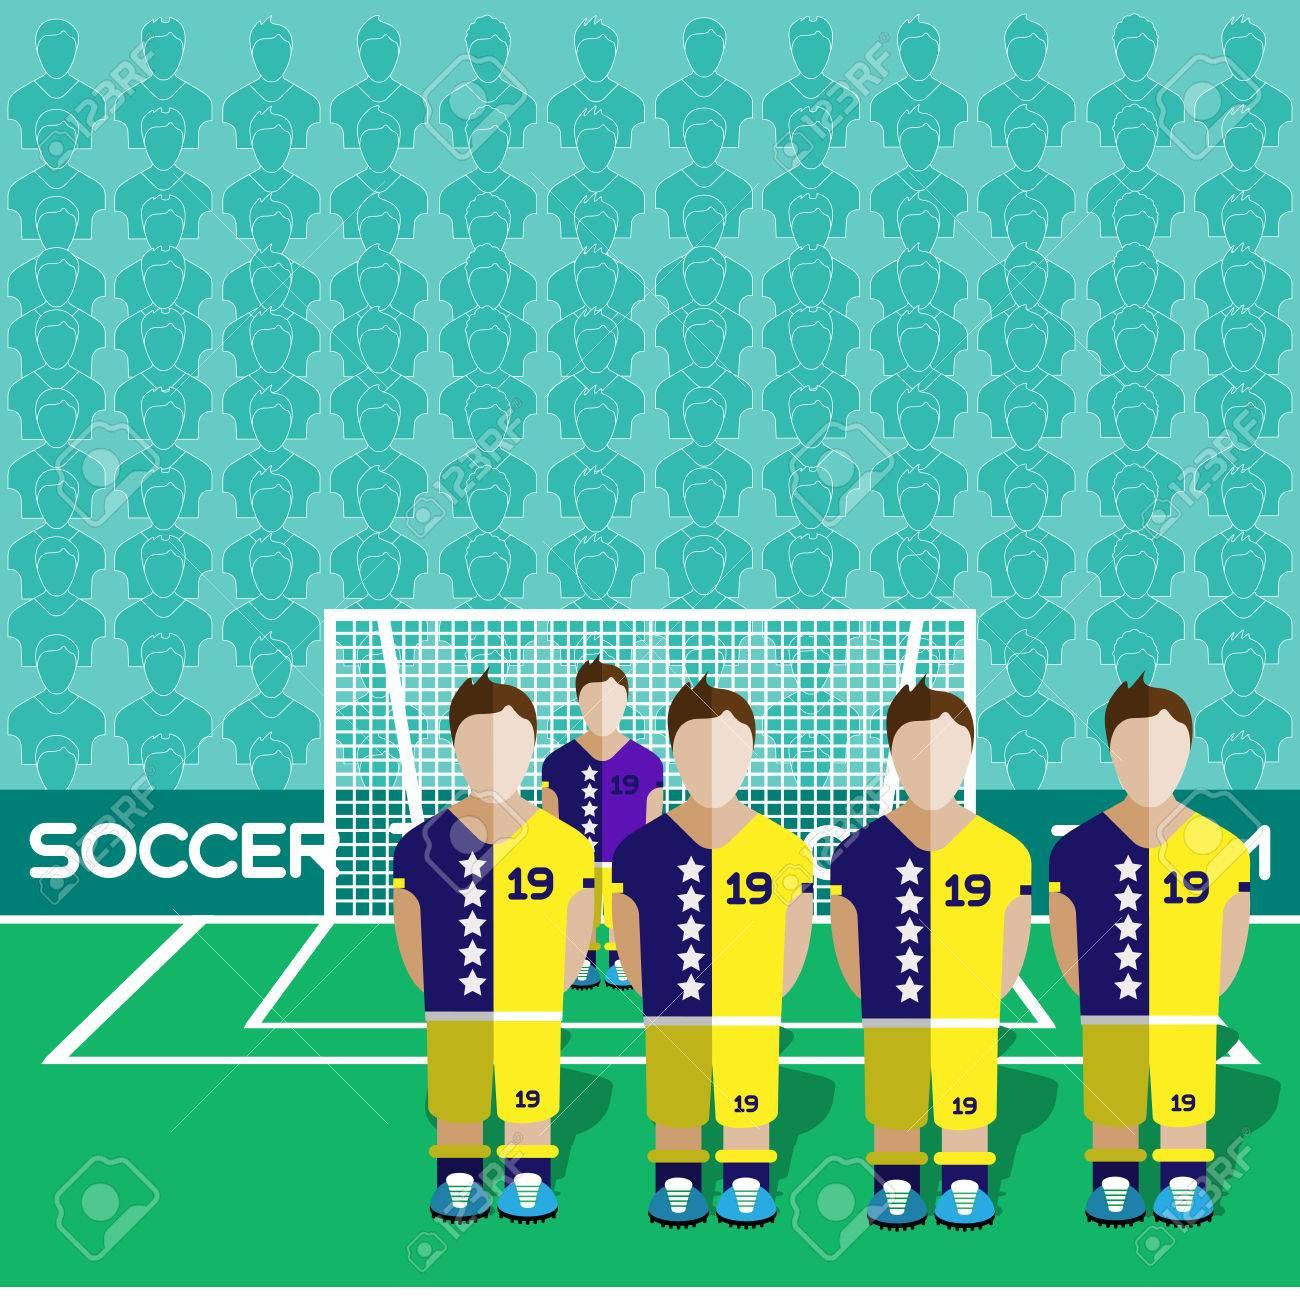 Bosnie-Herzégovine Football Club Soccer Players Silhouettes. Jeux  Rmatiques Équipe De Football Joueurs Big Set. Graphique Sportif.  Les Équipes tout Jeux De Gardien De Foot